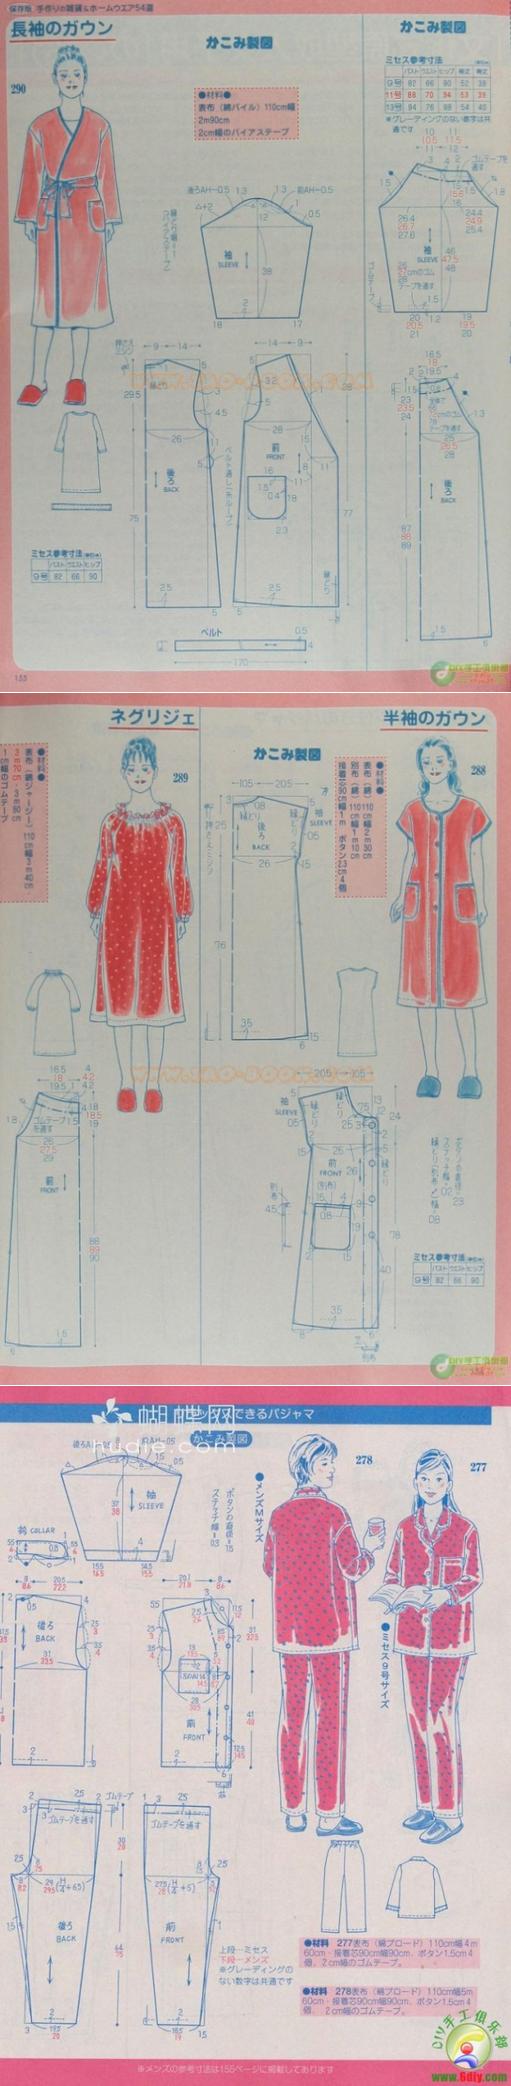 шьем и переделываем)))) | sewing | Pinterest | Costura, Patrones y Molde